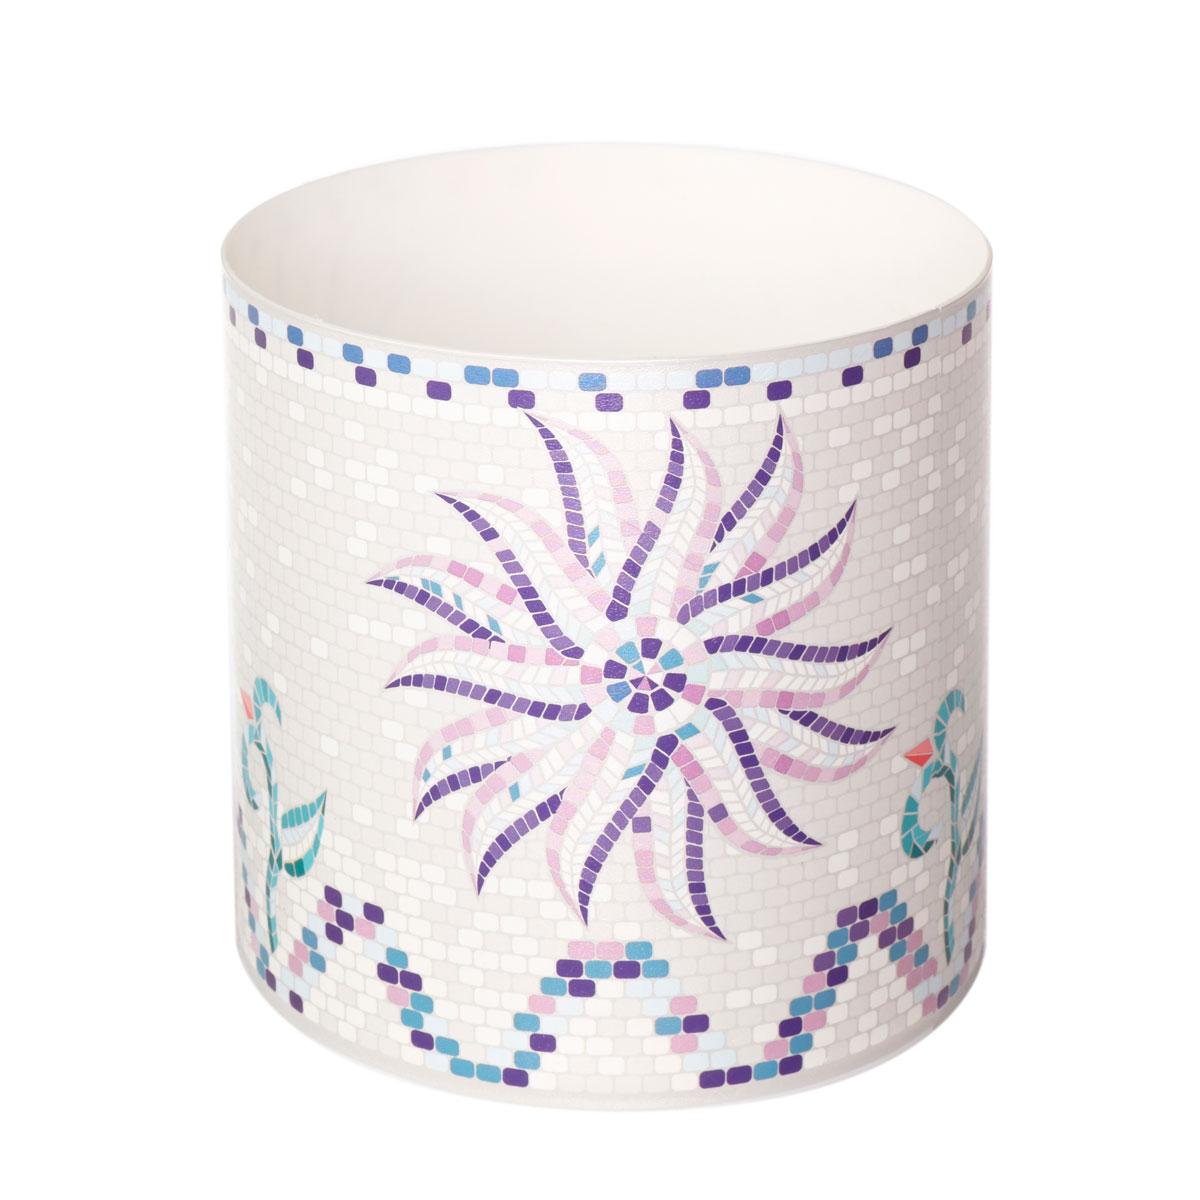 Горшок для цветов Miolla Мозаика белая, со скрытым поддоном, 1,7 лSMG-20Горшок для цветов Miolla Мозаика белая со скрытым поддоном выполнен из пластика и декорирован красочным рисунком. Диаметр горшка: 13,5 см. Высота горшка (с учетом поддона): 13,5 см. Объем горшка: 1,7 л.